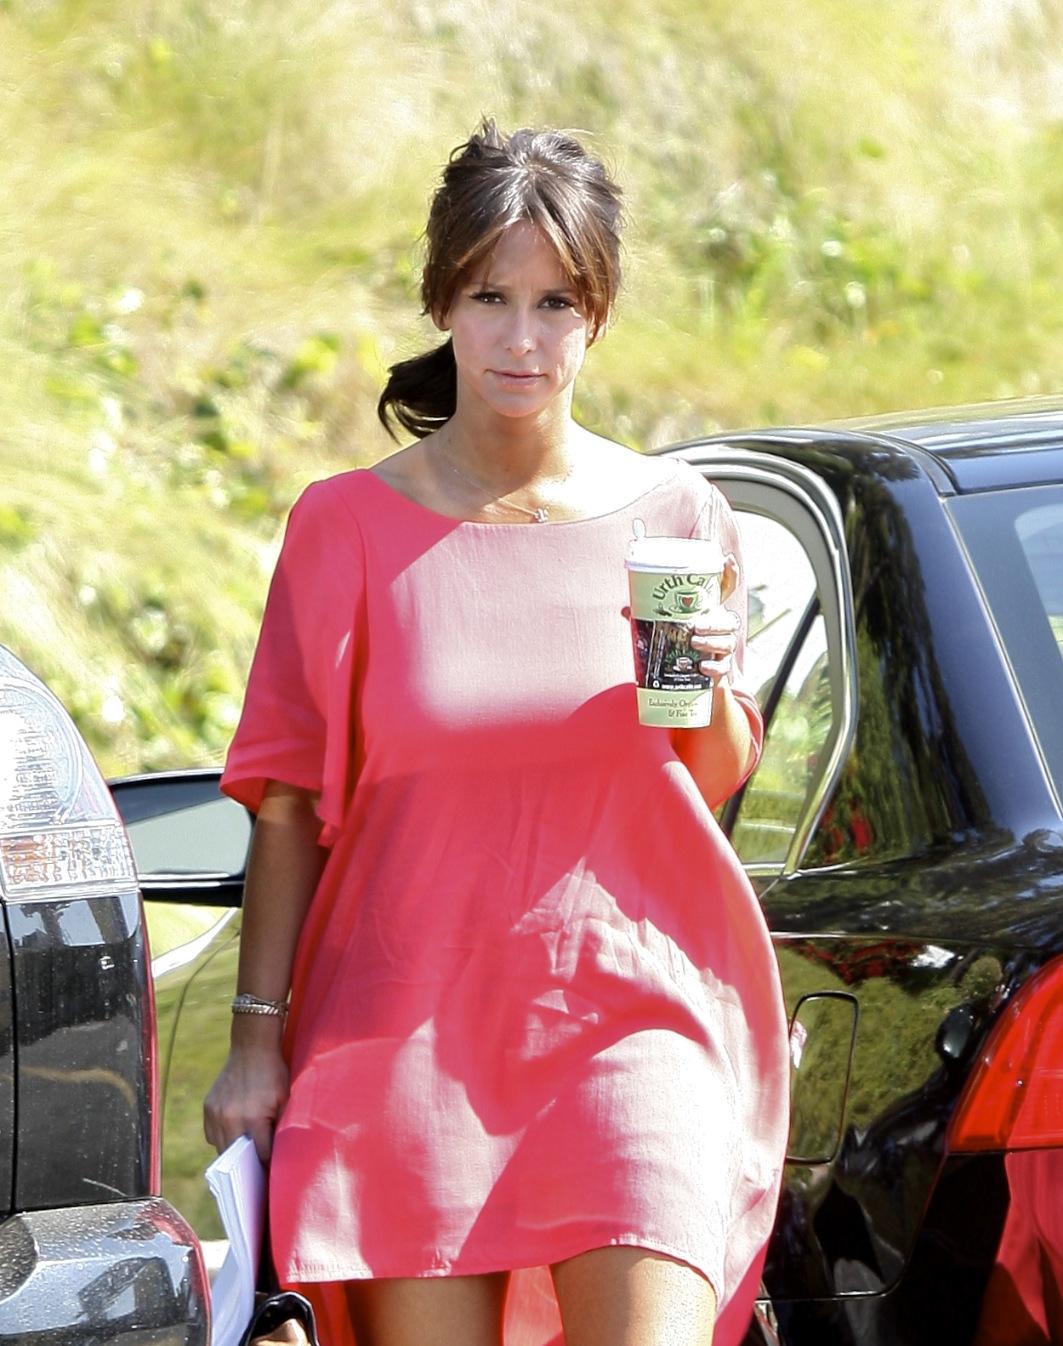 Jennifer Love Hewitt Leggy In Short Dress At The Dry Bar